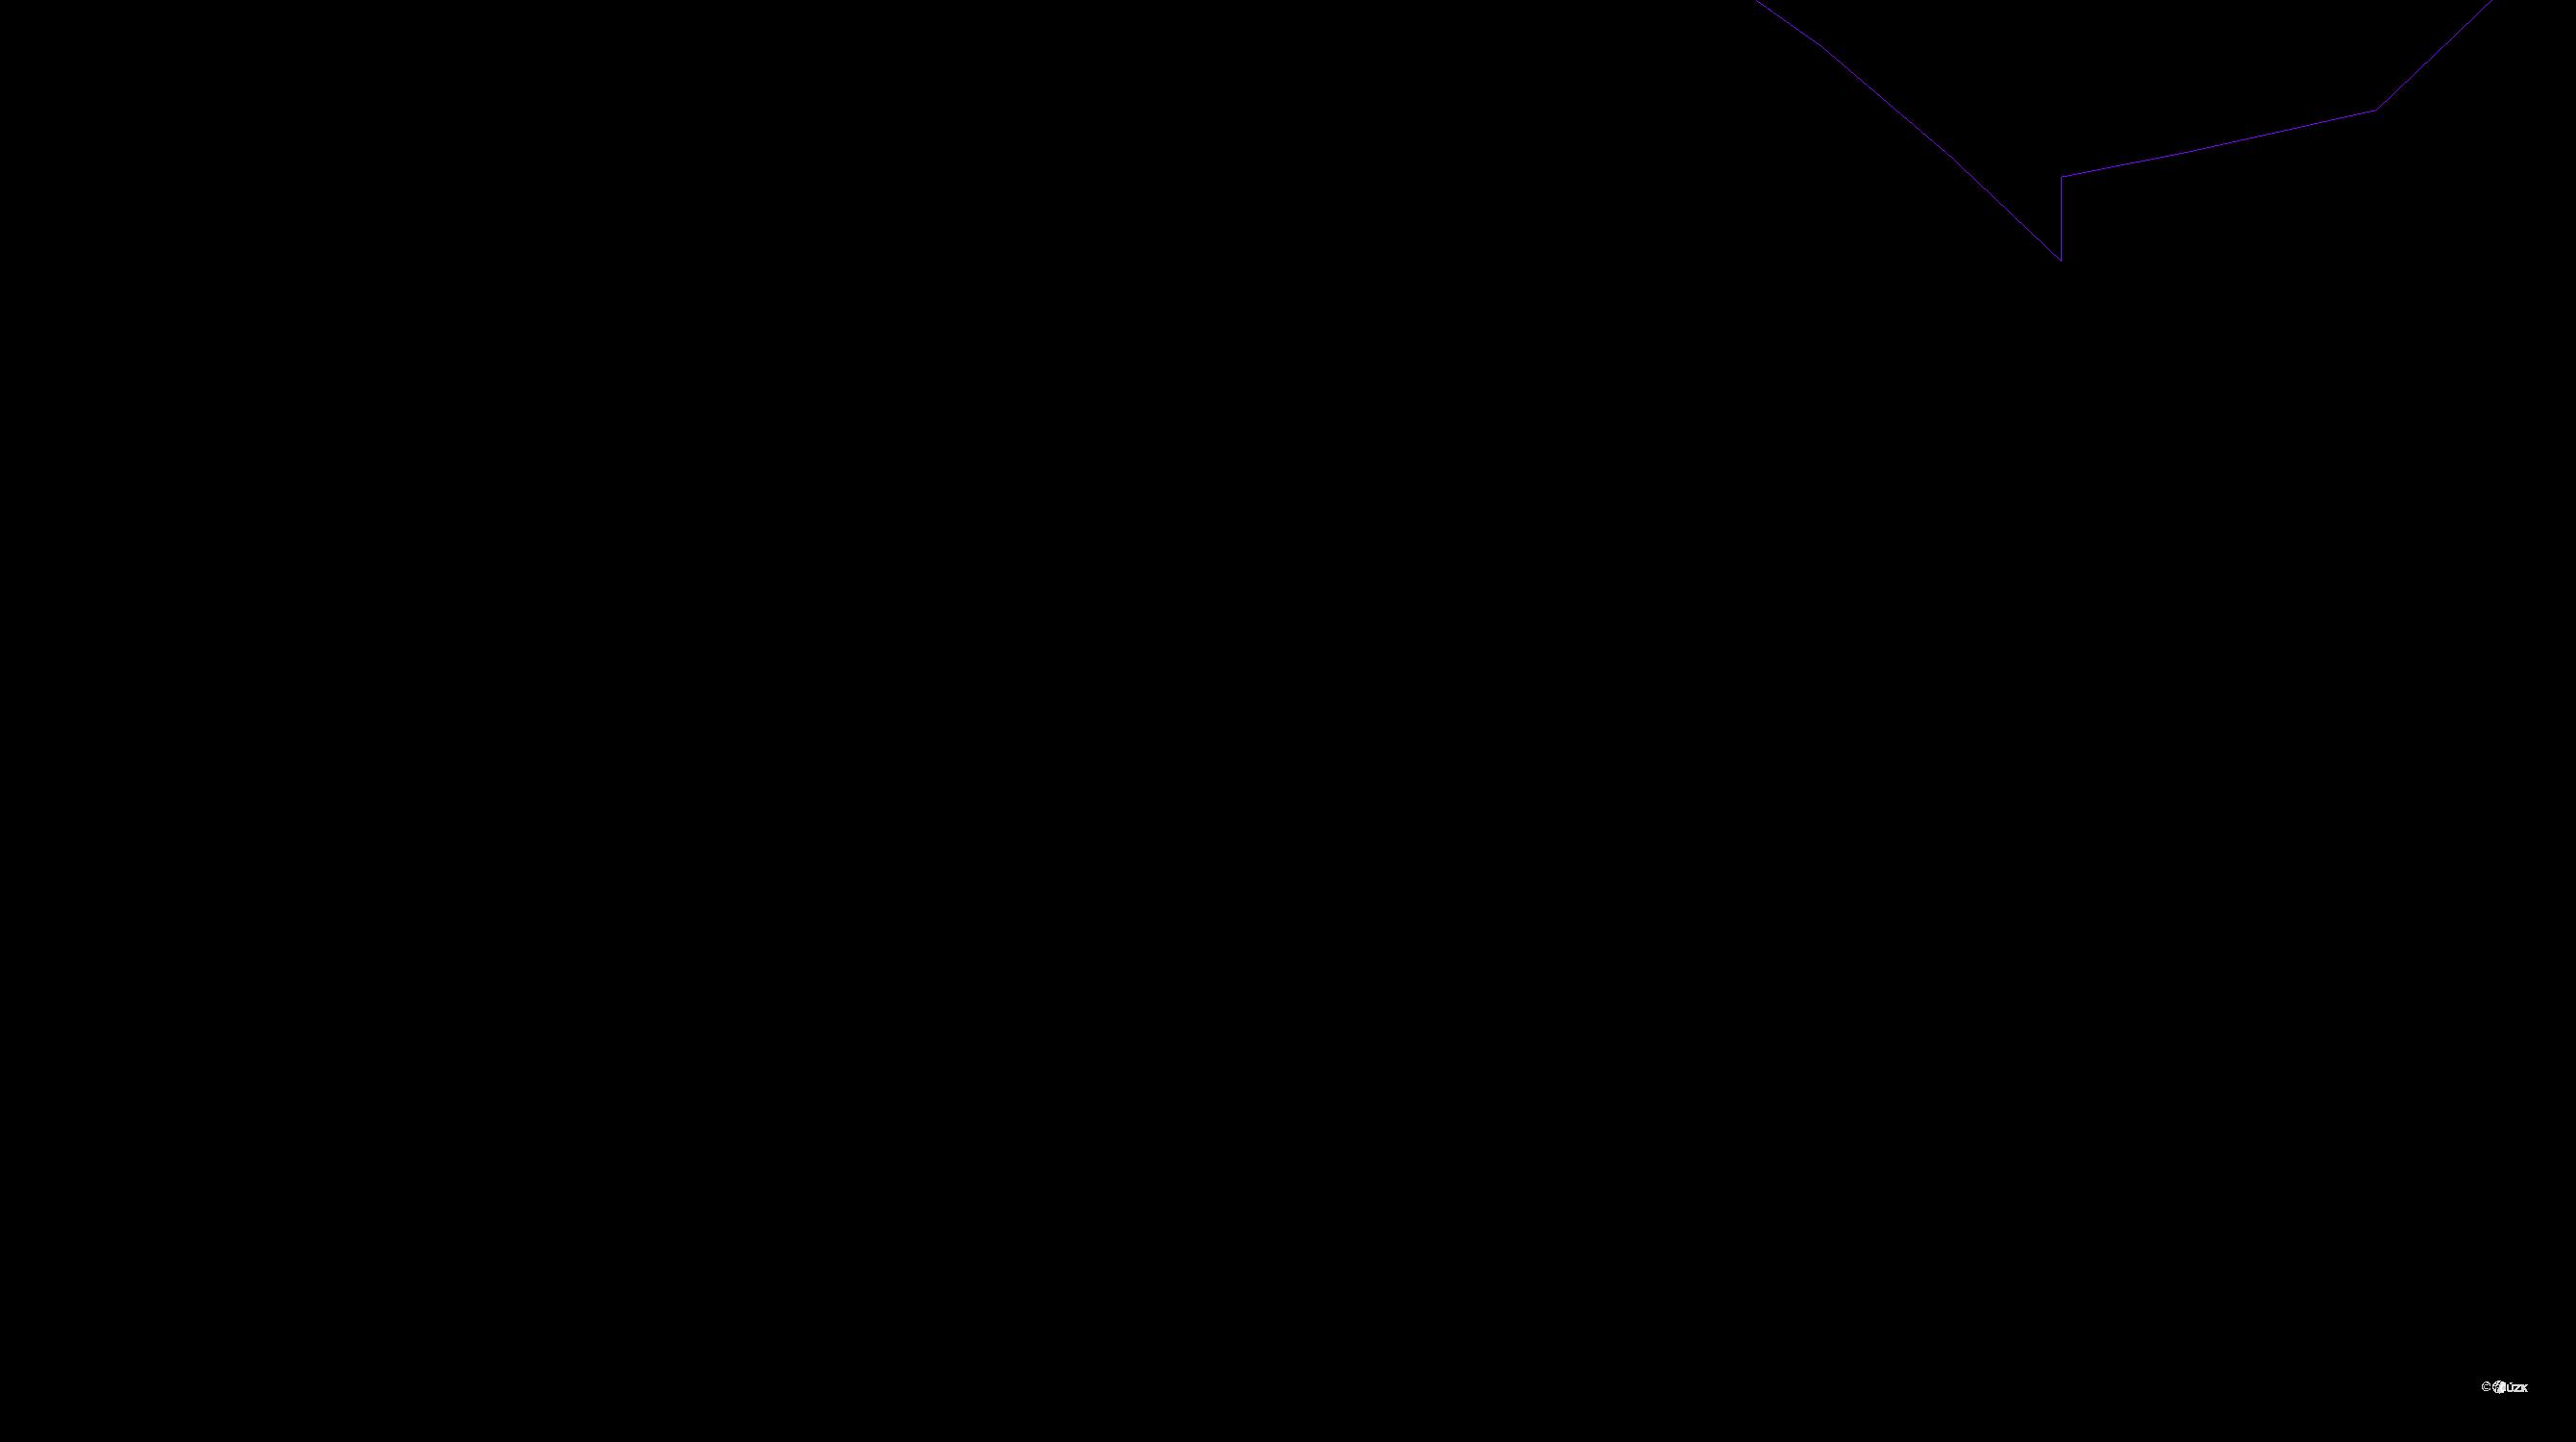 Katastrální mapa pozemků a čísla parcel Horní Maxov